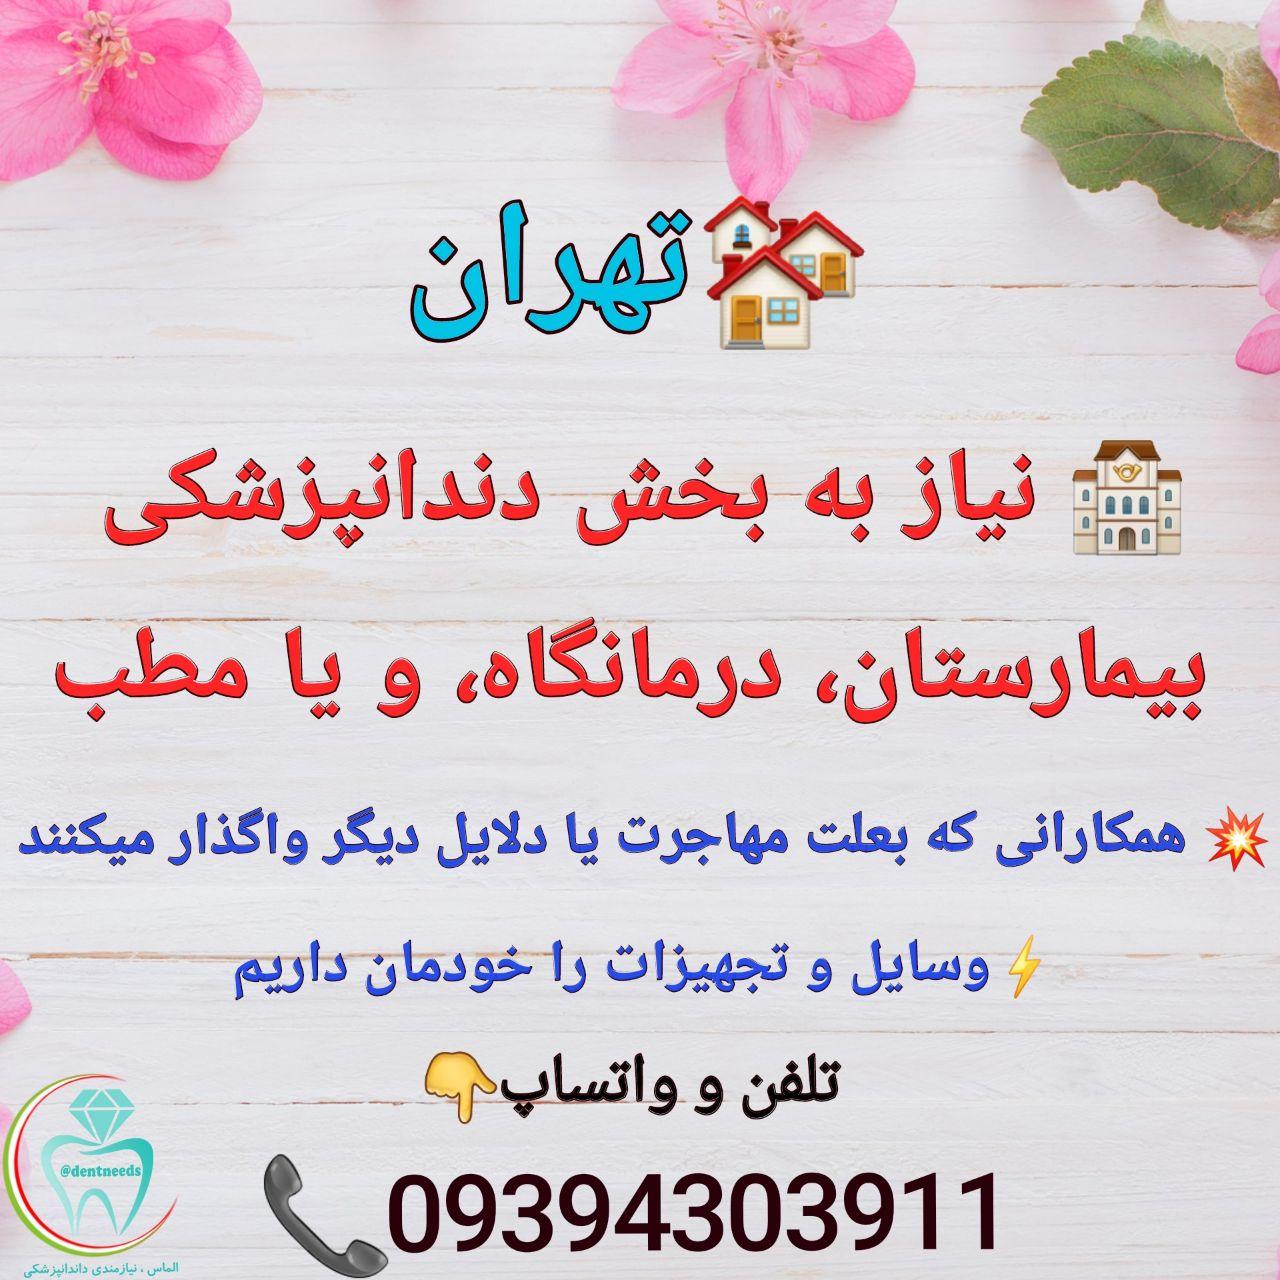 تهران: نیاز به بخش دندانپزشکی بیمارستان، درمانگاه، و یا مطب